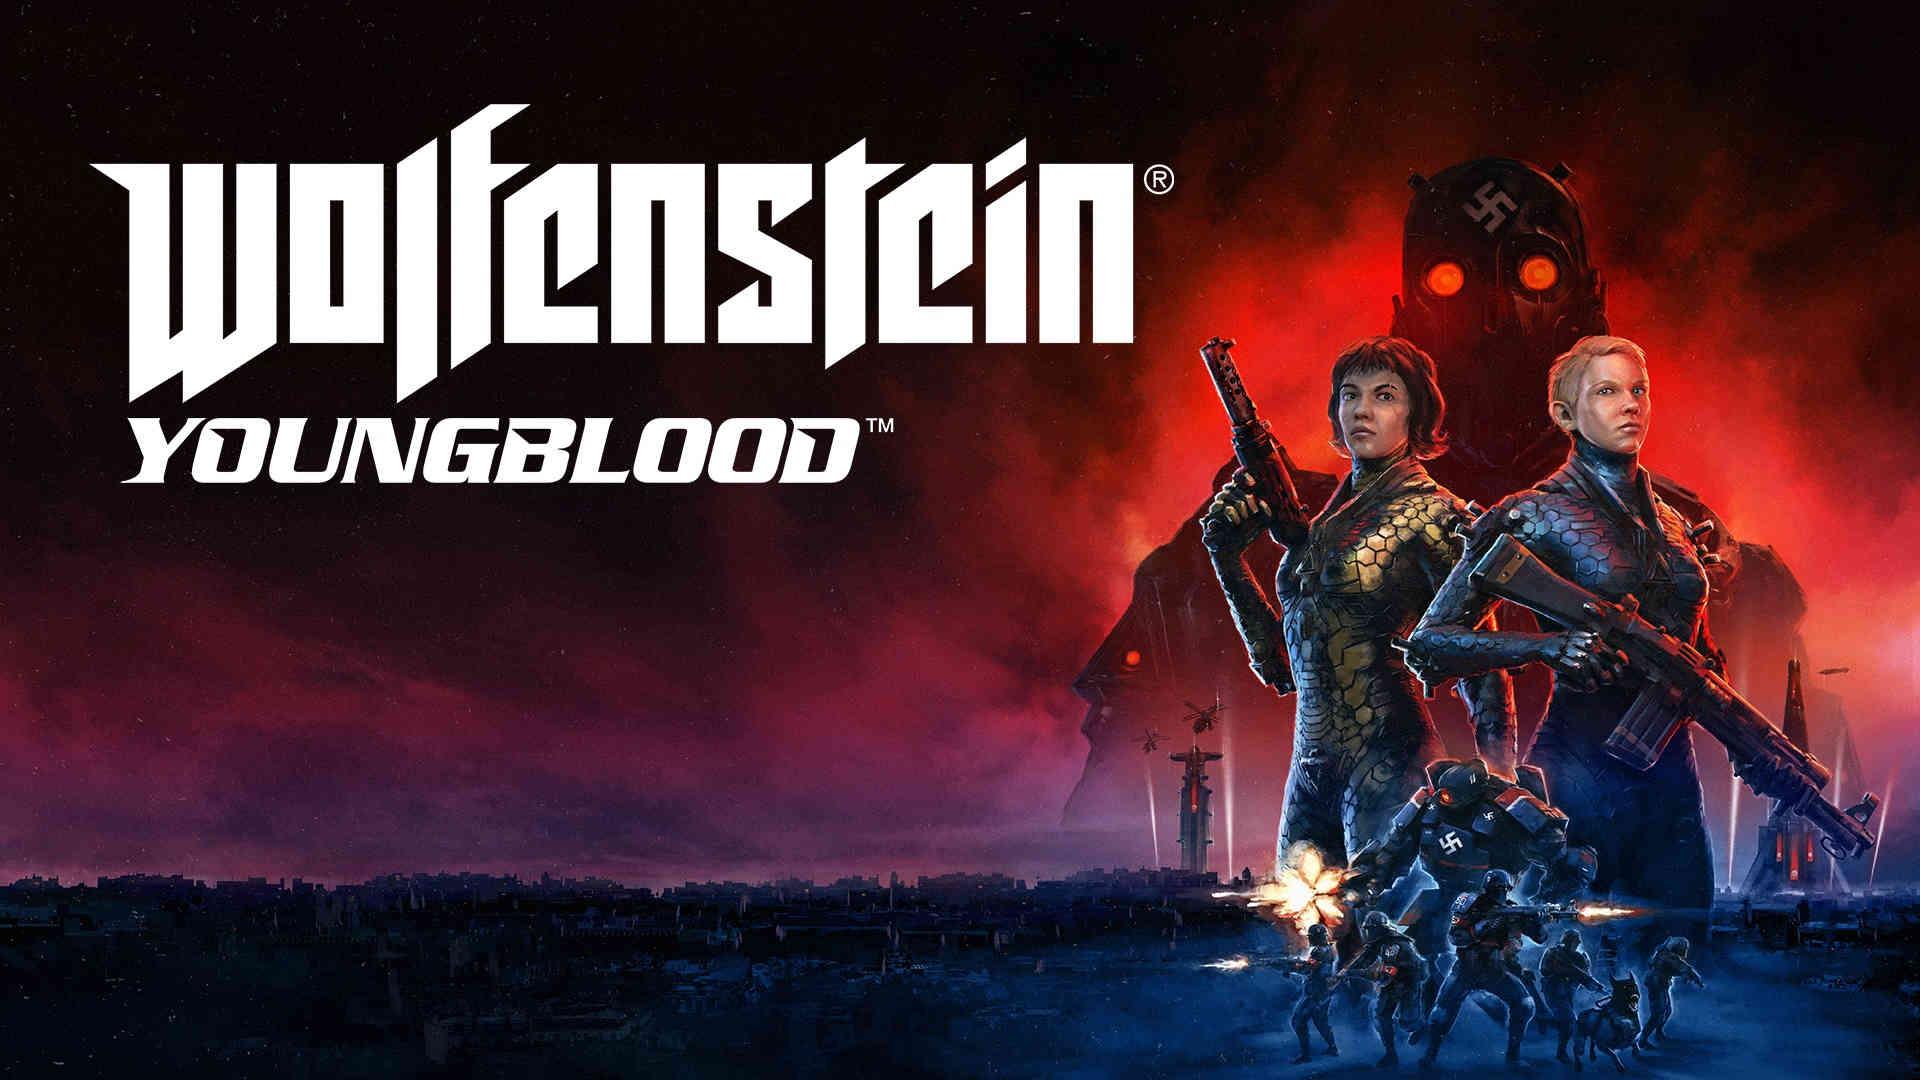 Wolfenstein Youngblood läuft mit 30 FPS und 720P Dynamic On Switch, 4K und 60 FPS auf Xbox One X